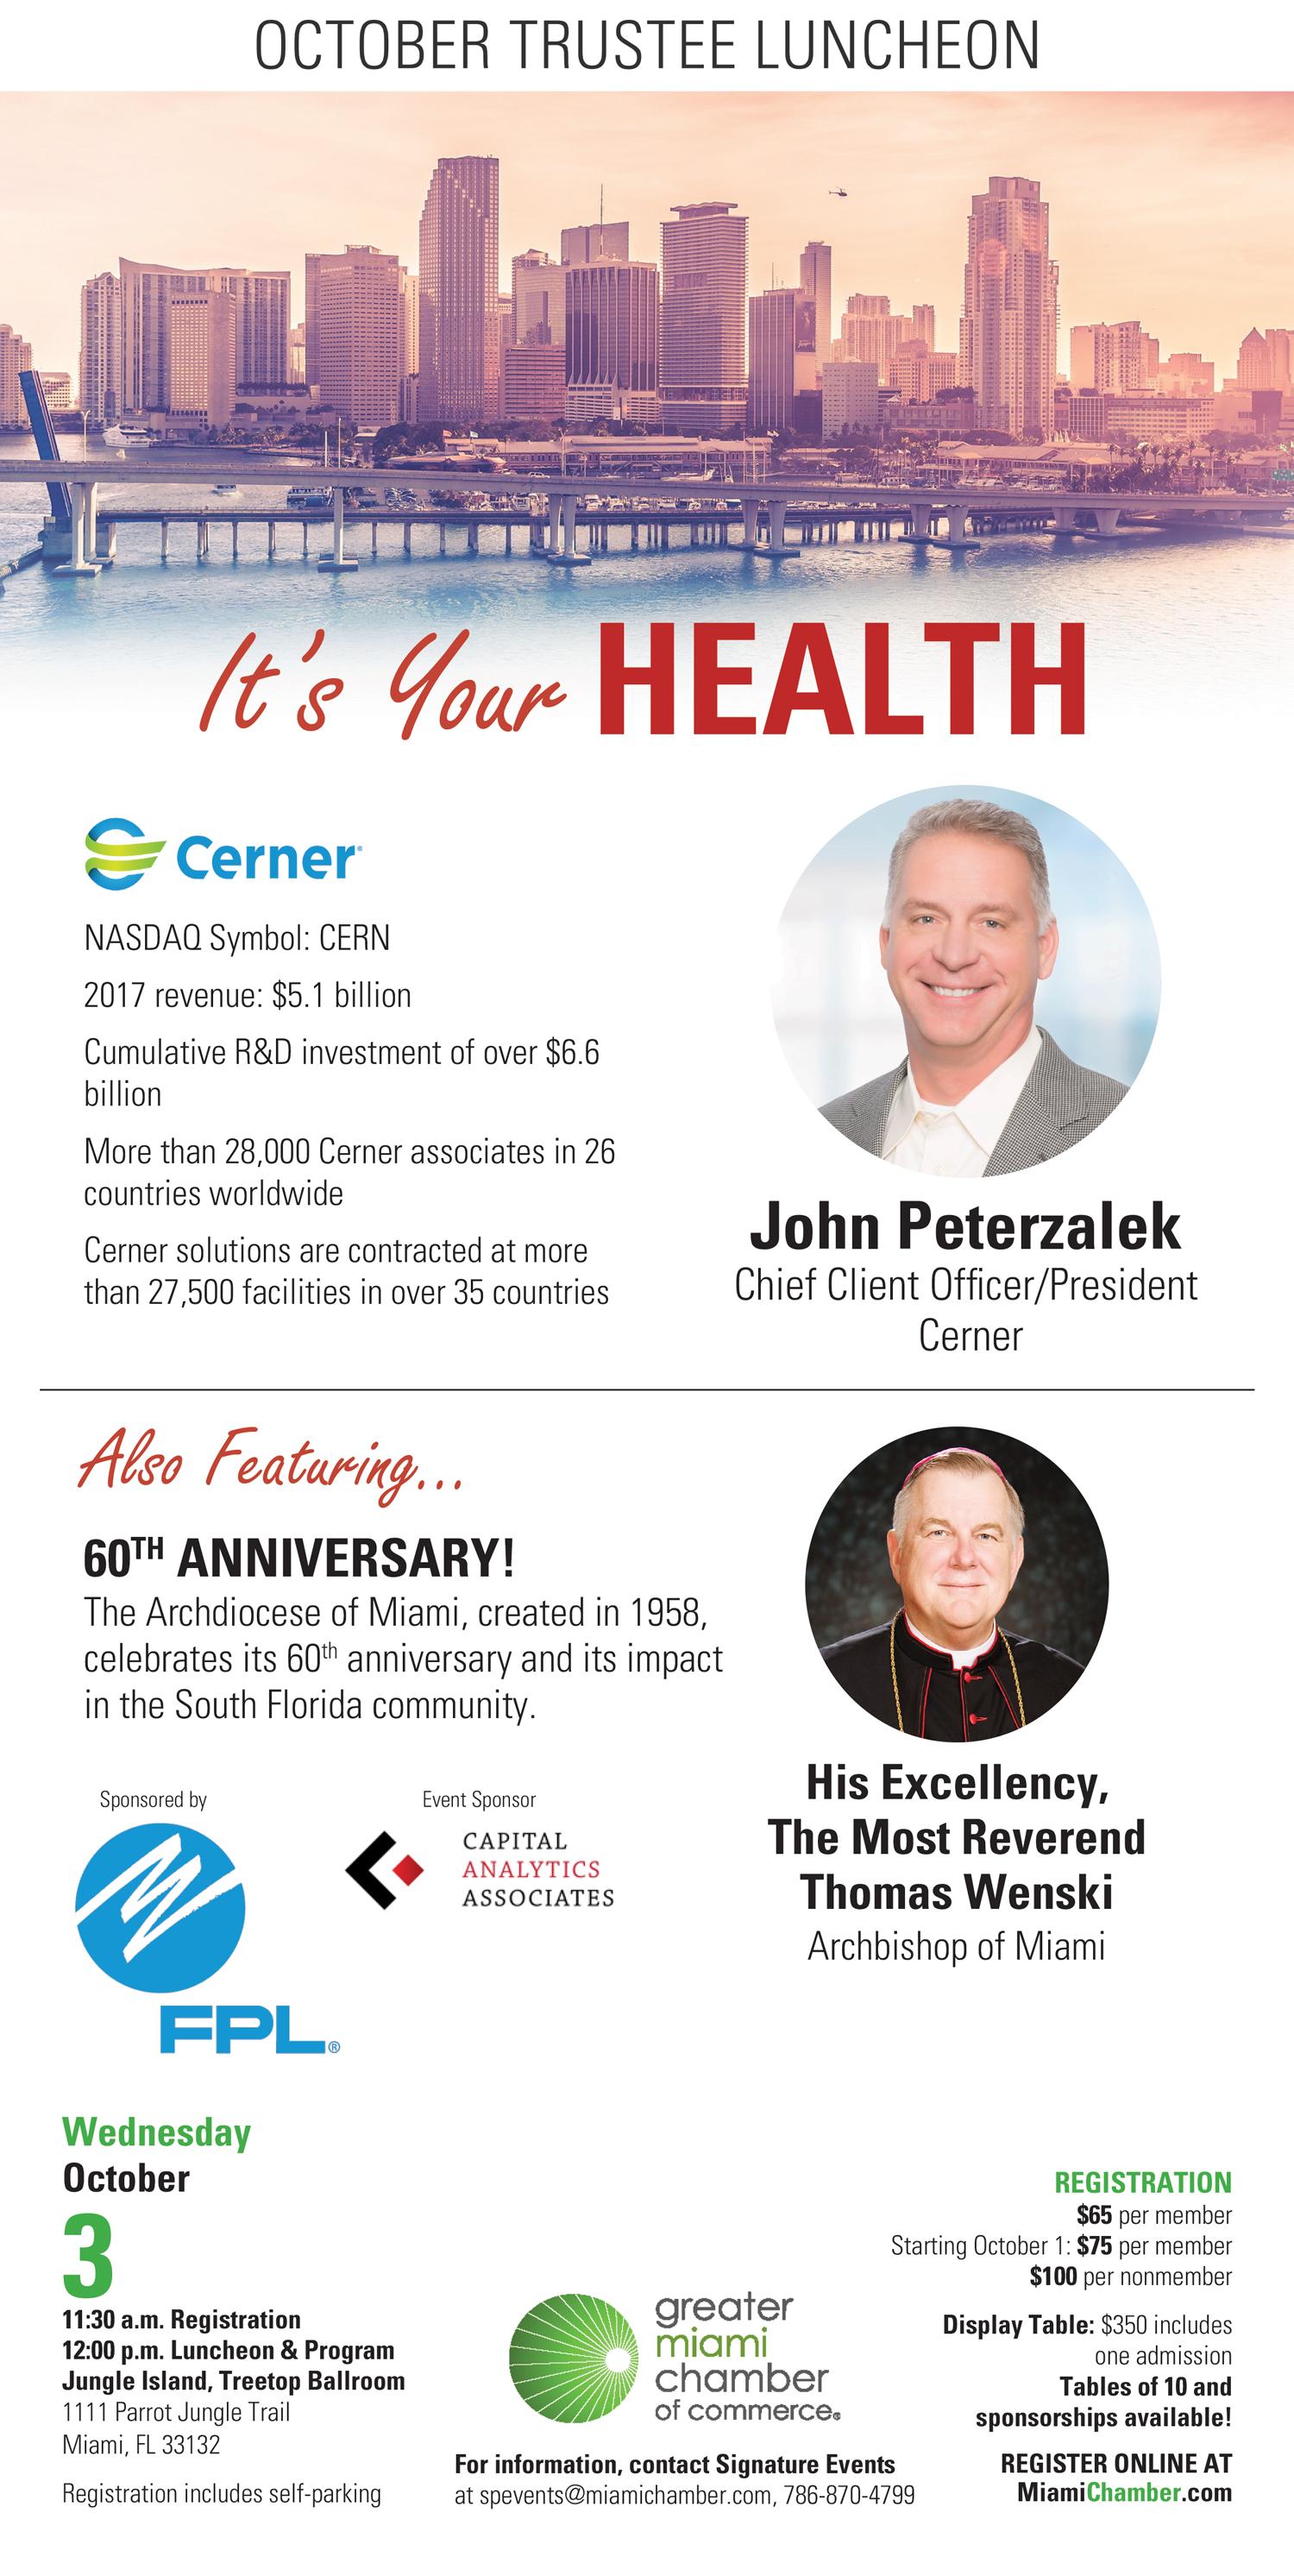 October Trustee Luncheon: Cerner CEO John Peterzalek